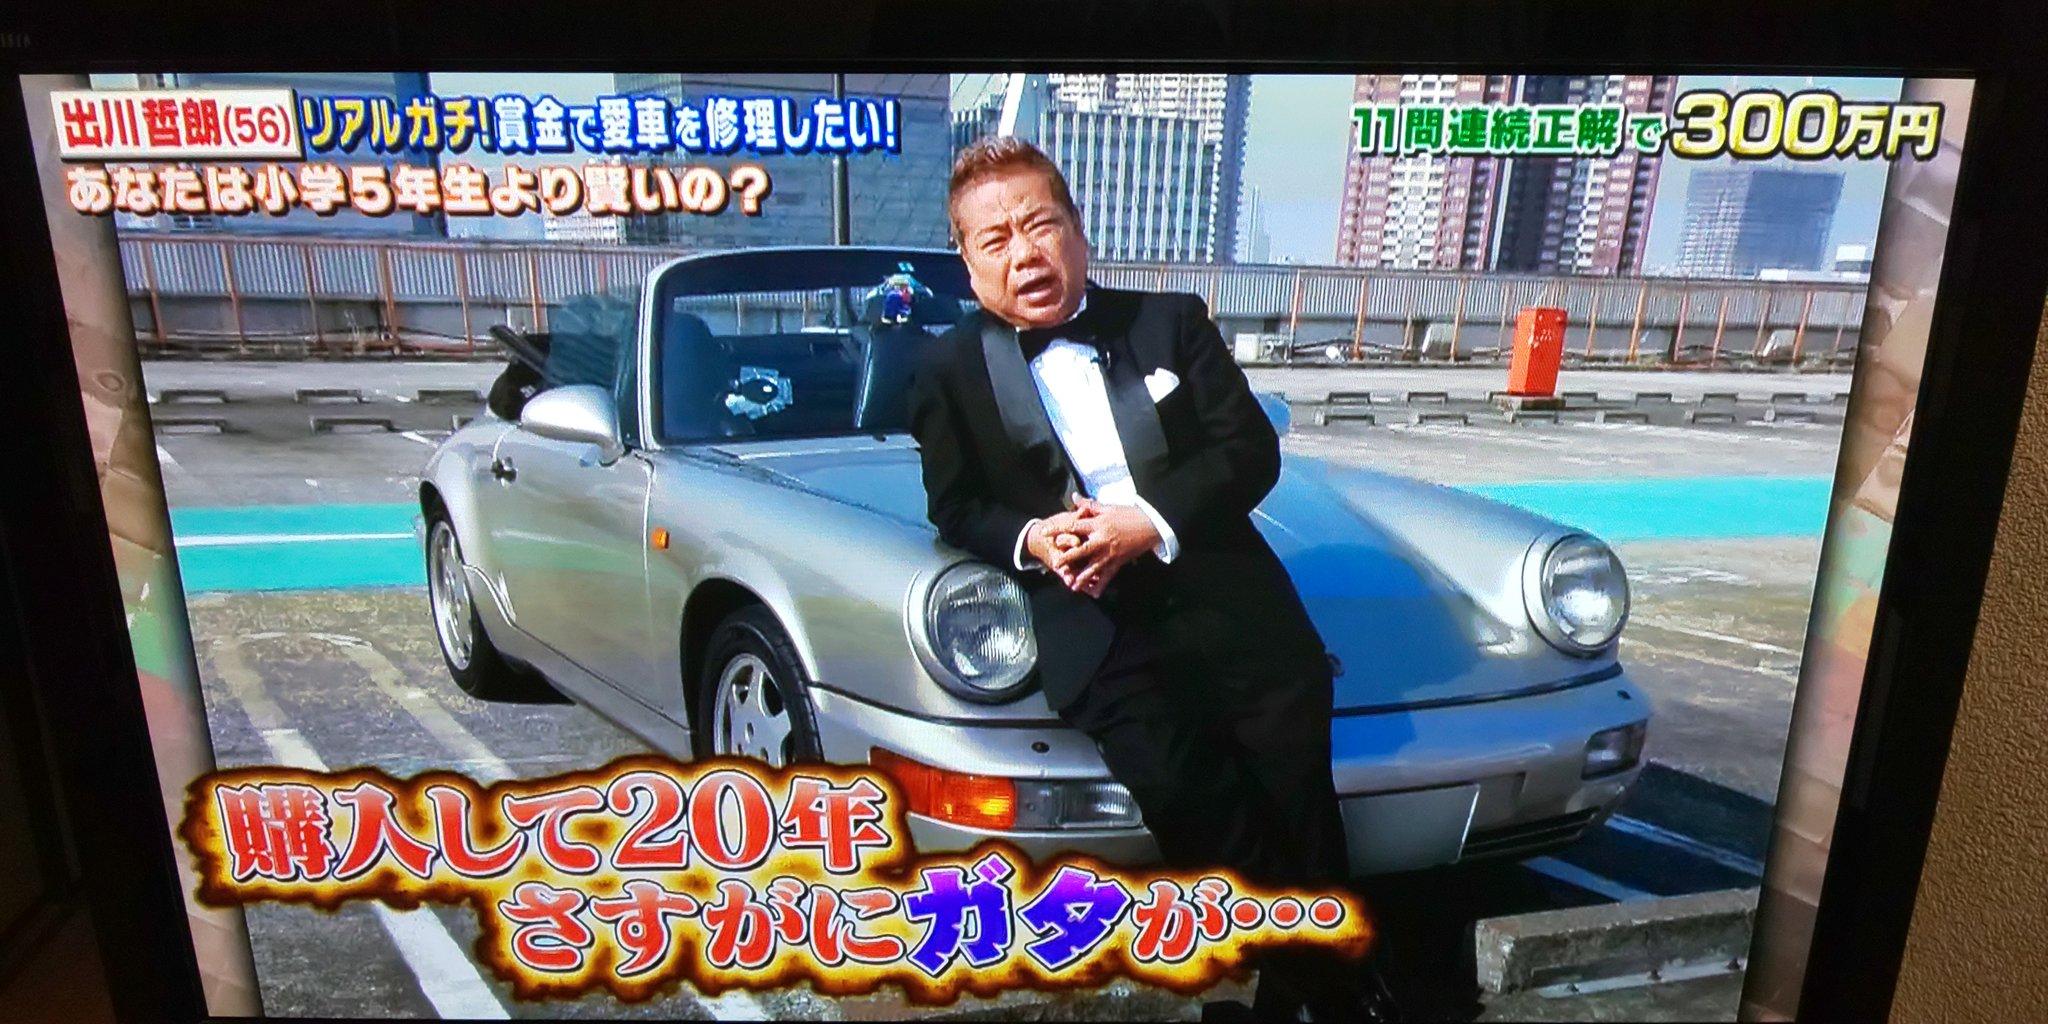 """shiotoku on Twitter: """"出川さんも、ポルシェカレラ20年乗って、エアコンも効かなくなってきたので、修理しようとしたら、エンジンごと修理しなくてはならなくて 大金が、かかるらしい🤭 #徳永英明… """""""